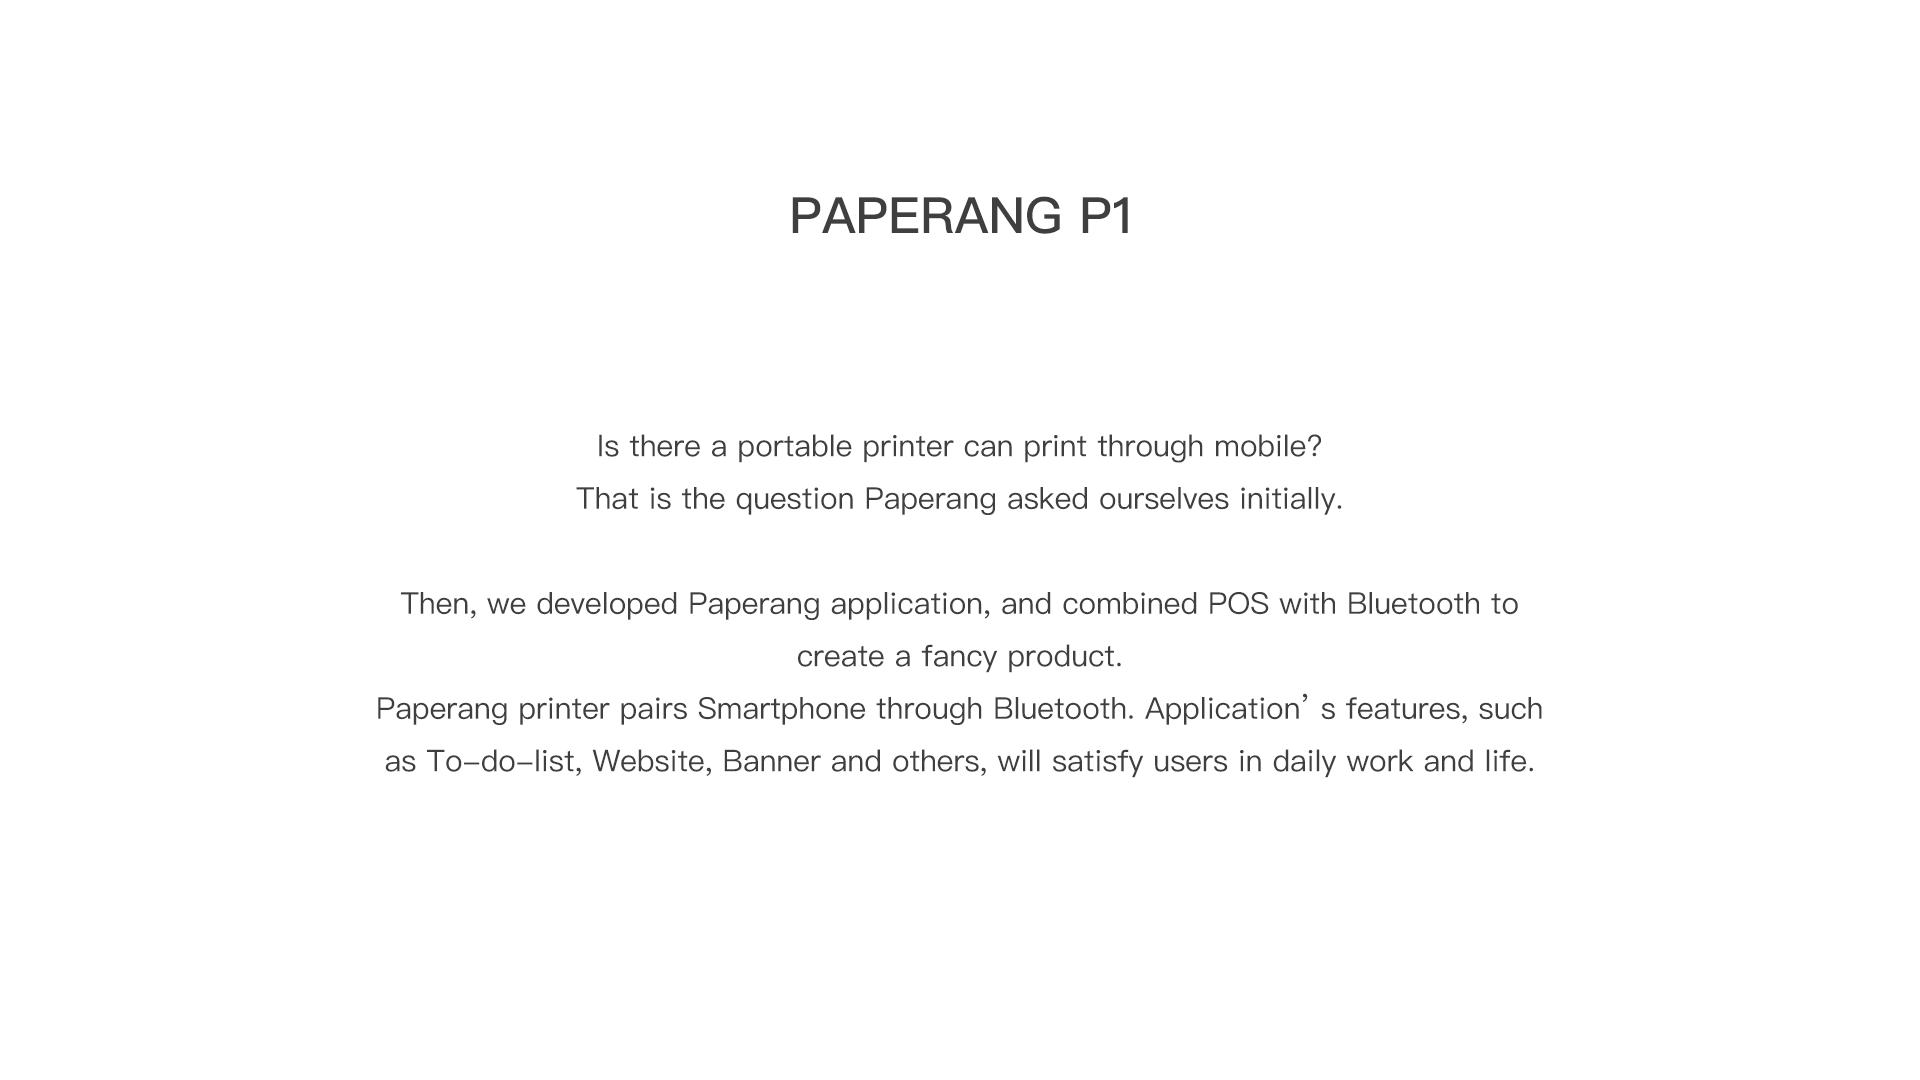 Paperang P1